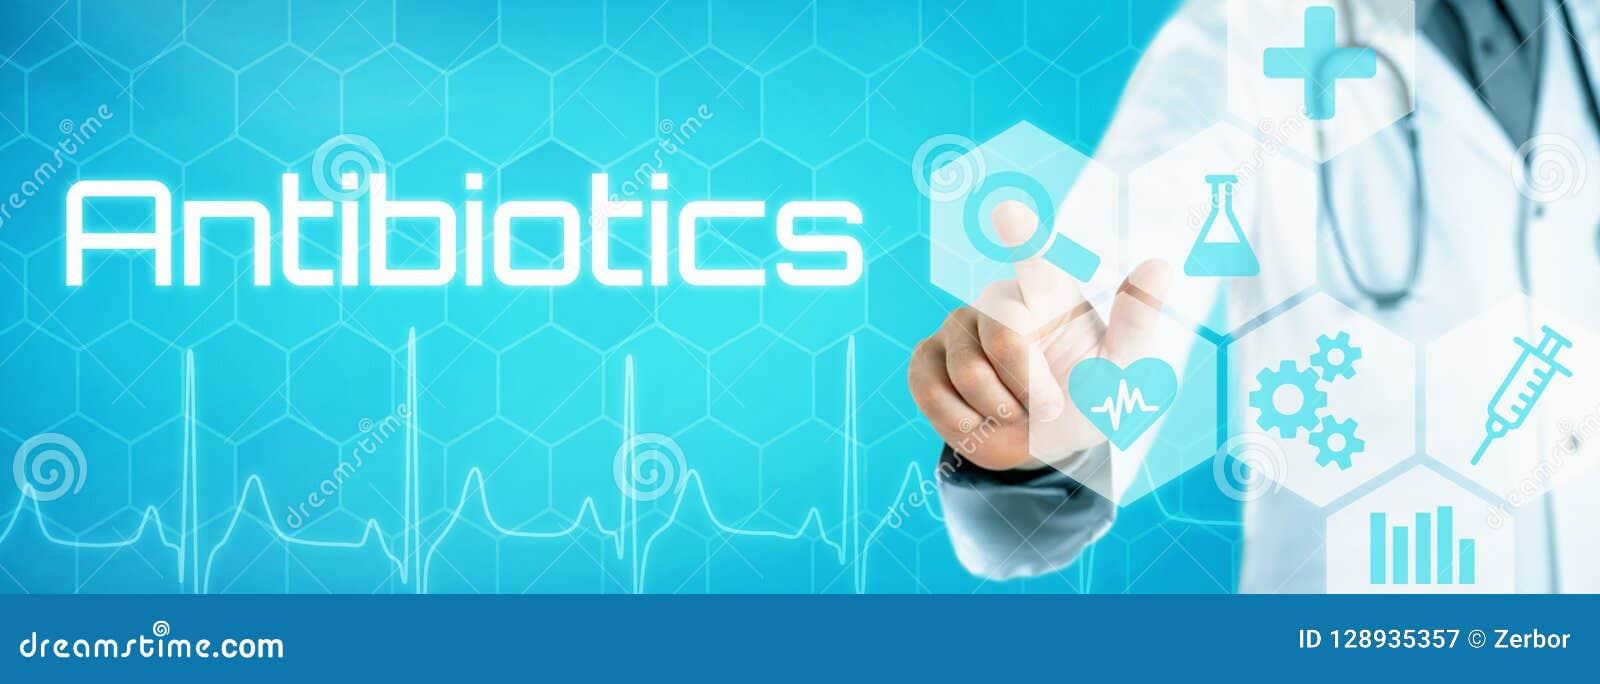 Soignez toucher une icône sur une interface futuriste - antibiotiques